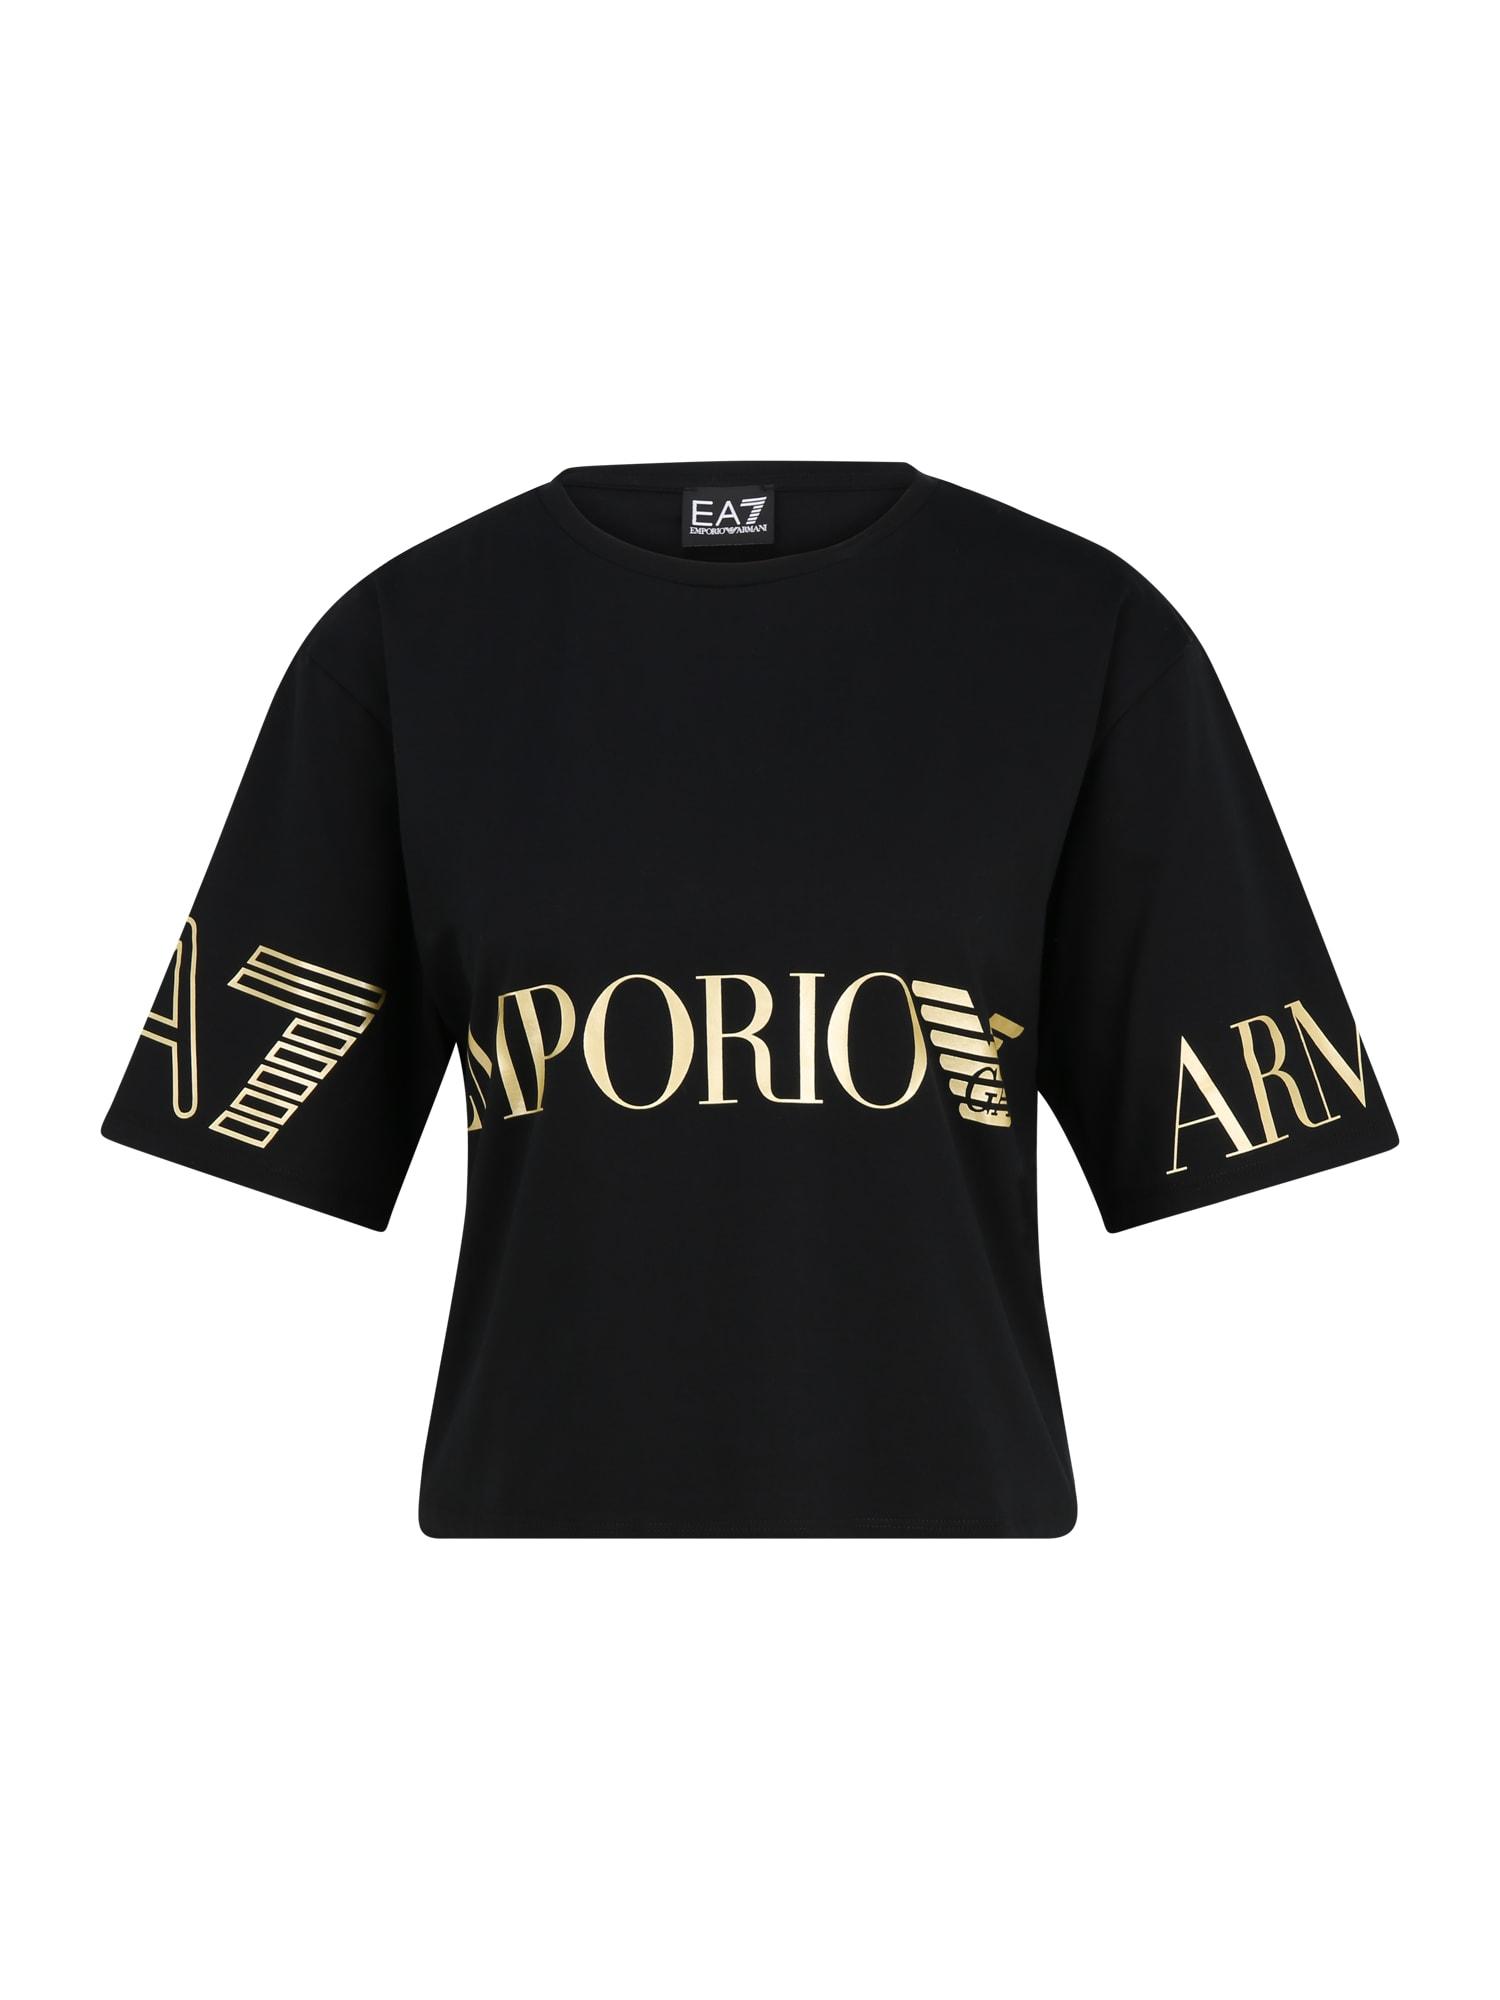 EA7 Emporio Armani Marškinėliai juoda / auksas